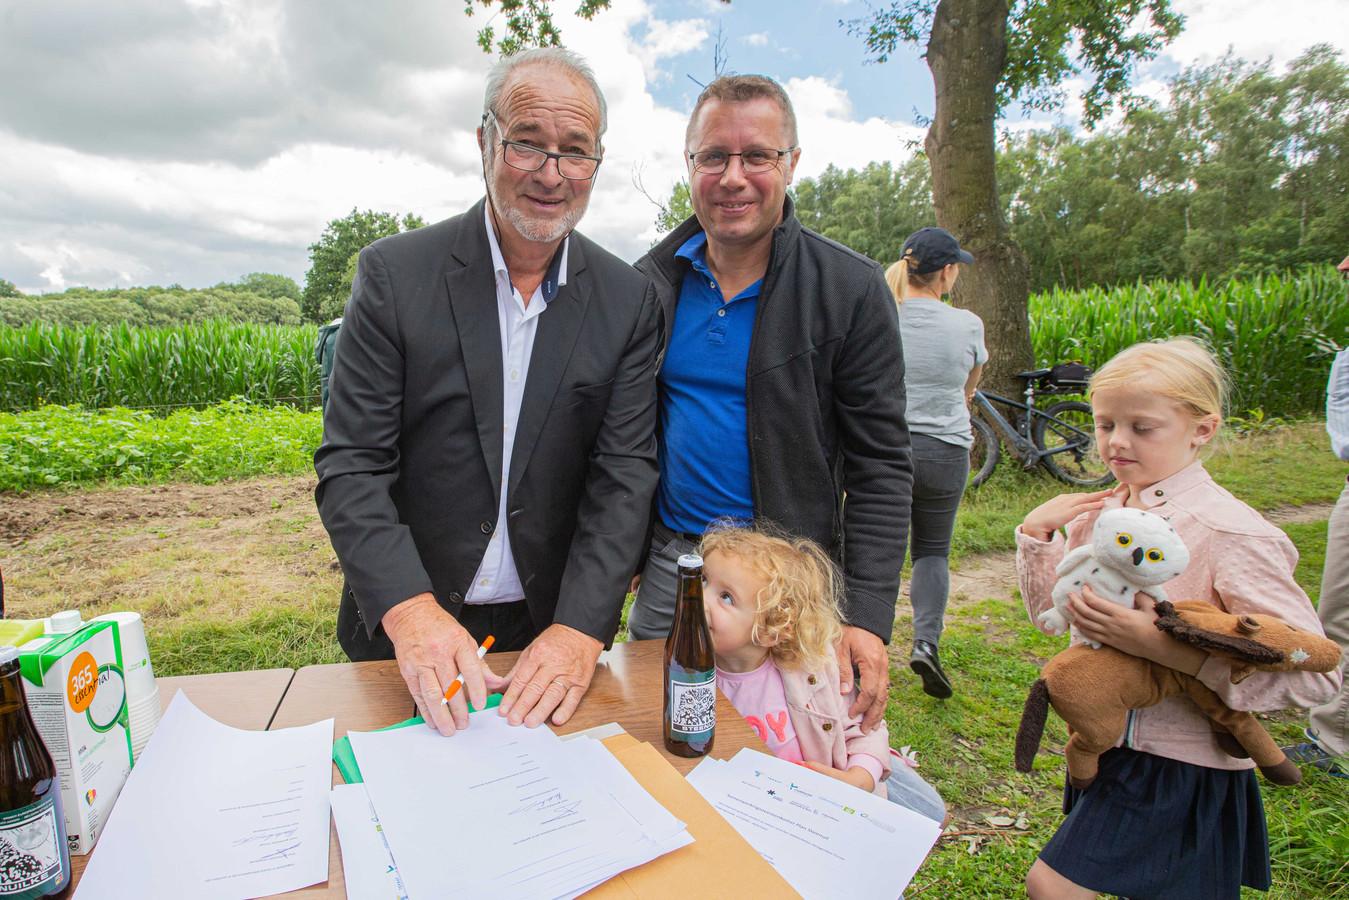 Steven Van Linthout (CD&V) en Michel Vanderhasselt (CD&V), burgemeesters van respectievelijk Liedekerke en Ternat, ondertekenden de overeenkomst.